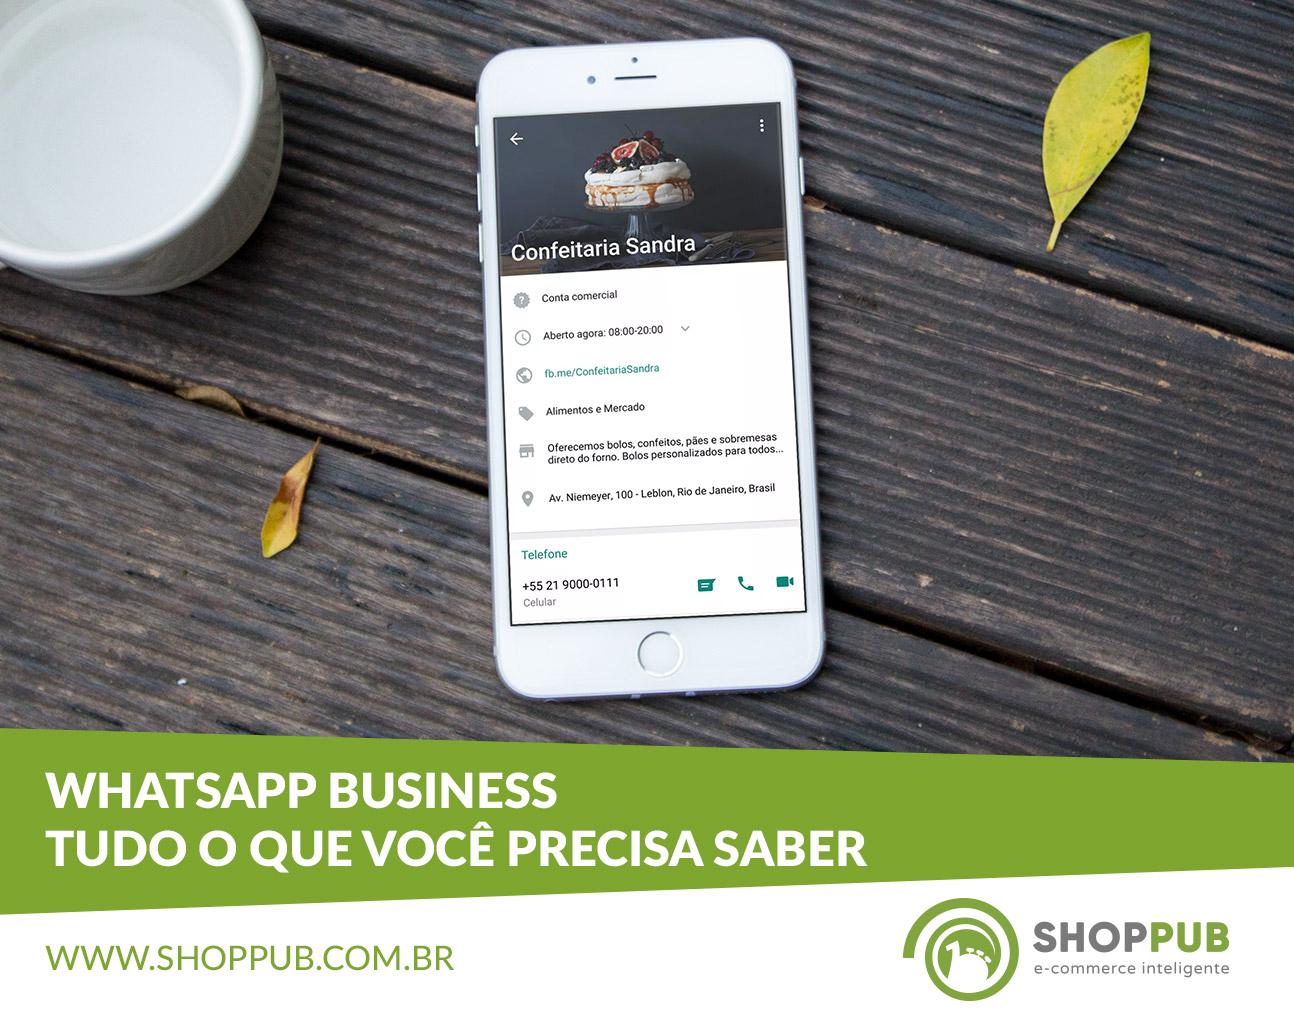 WhatsApp Business: tudo o que você precisa saber